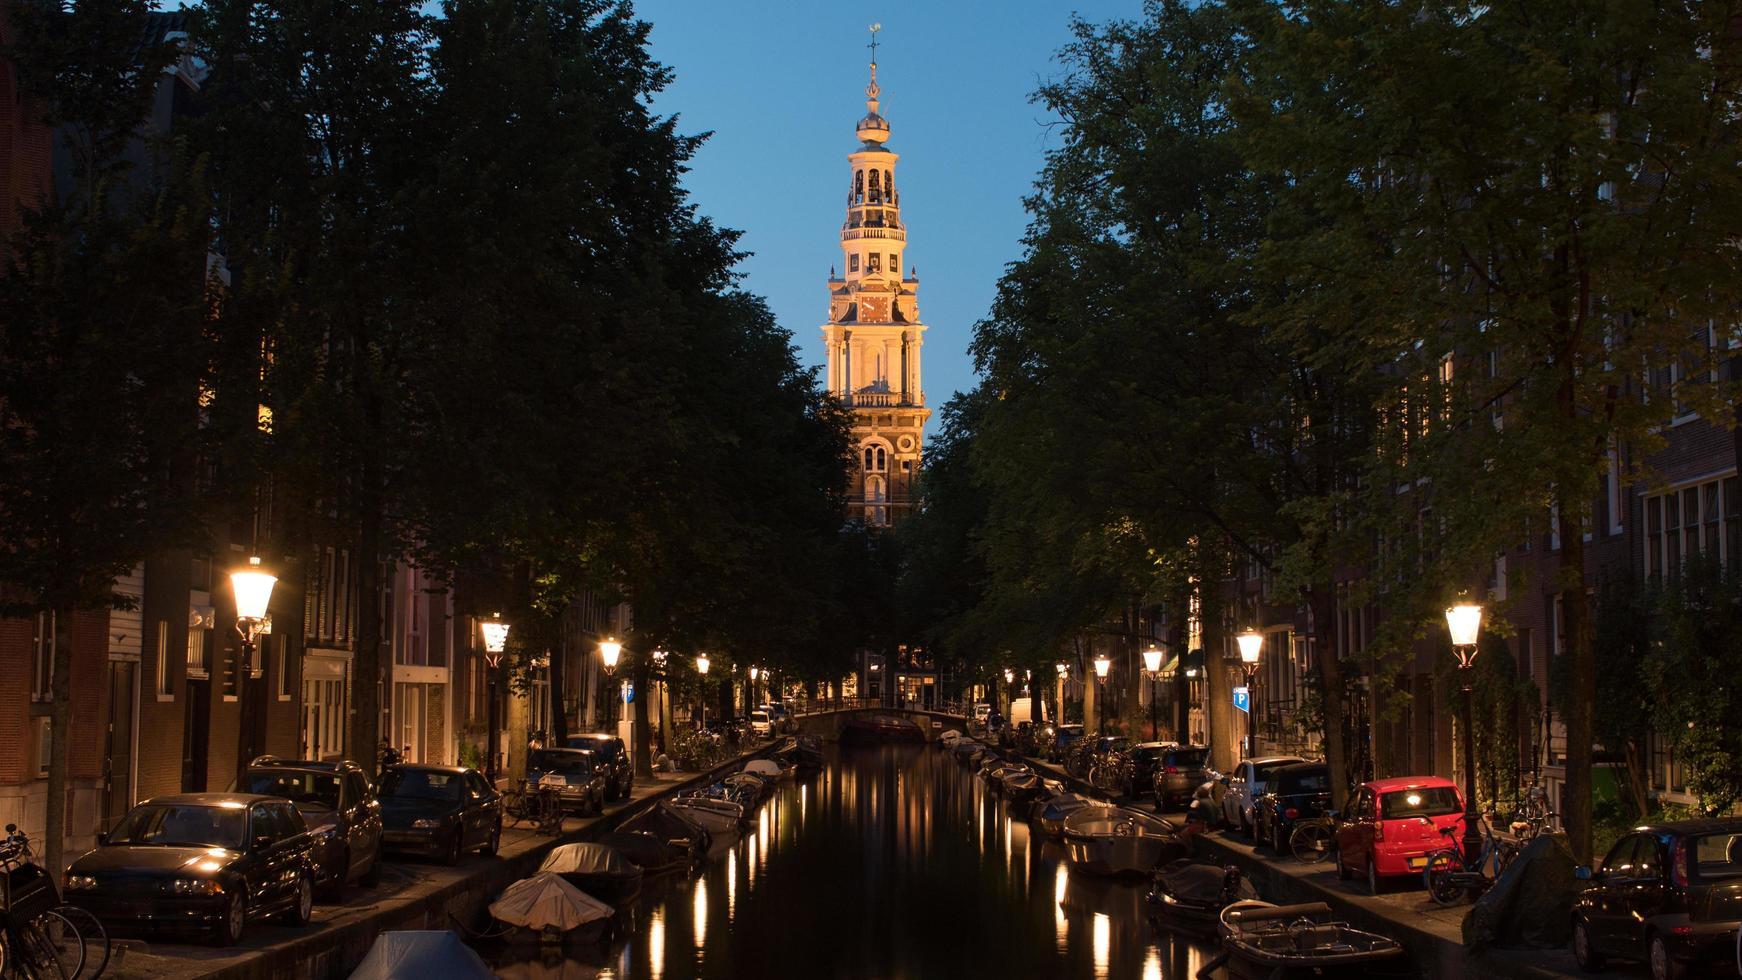 Amsterdam, Netherlands, 2020 - View of the Zuiderkerk at night photo